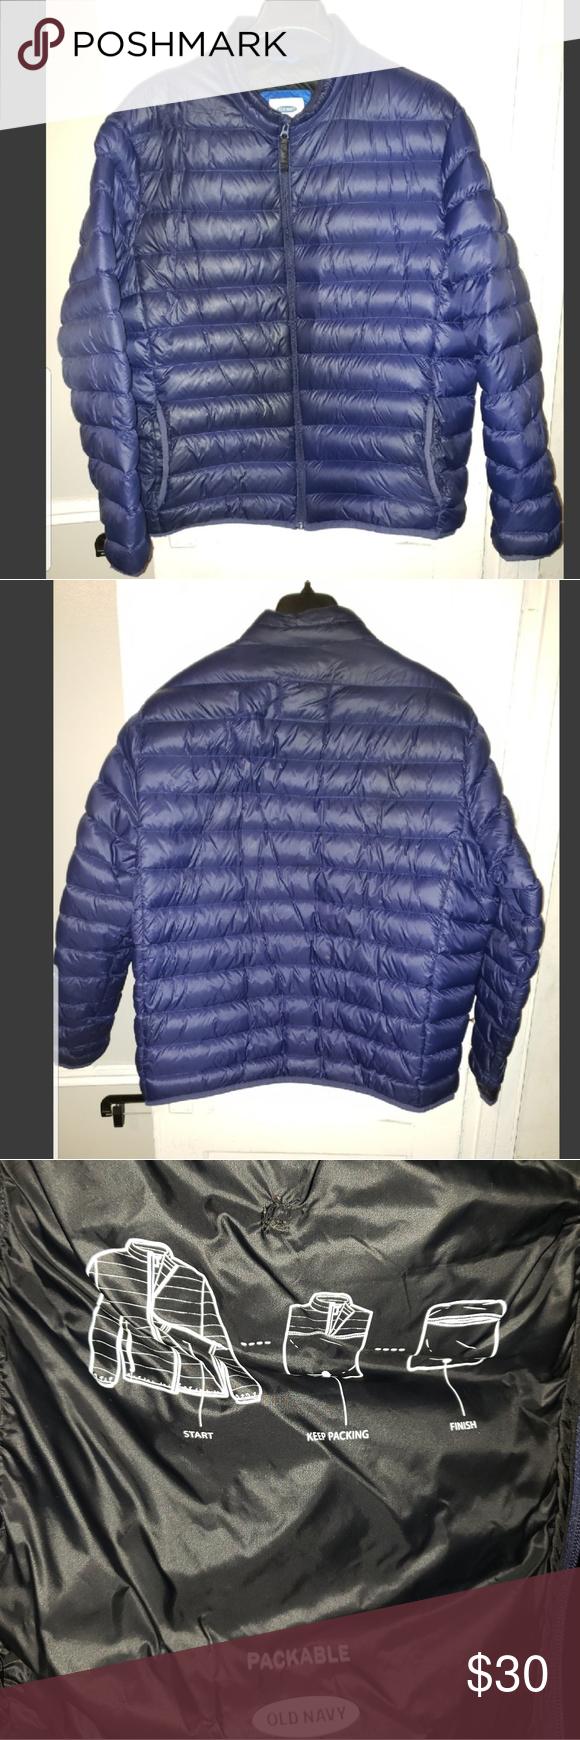 Light Bubble Jacket Jackets Old Navy Jackets Clothes Design [ 1740 x 580 Pixel ]